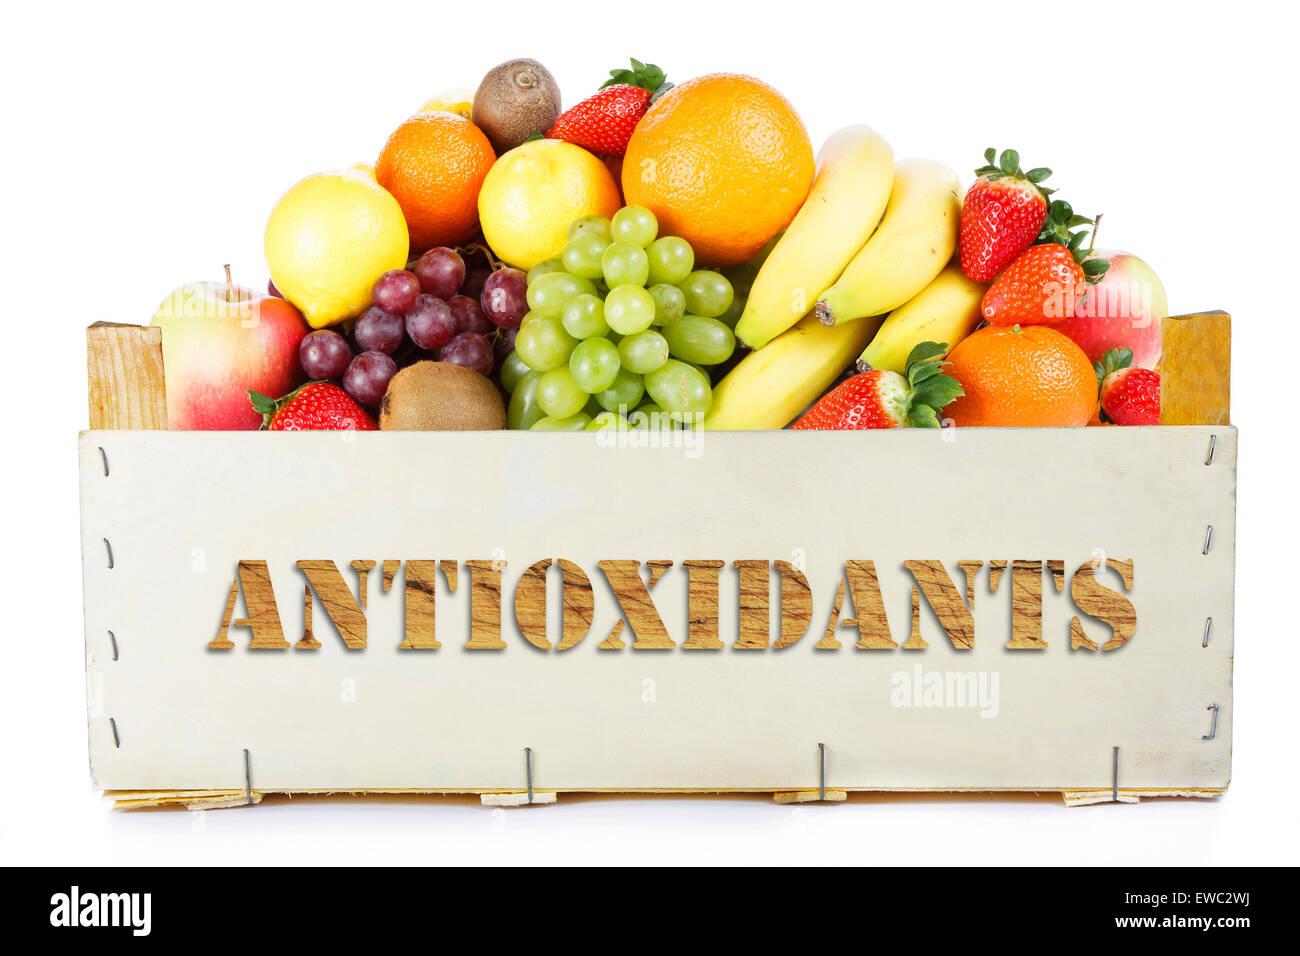 Antiossidanti. Frutta in scatola di legno Immagini Stock